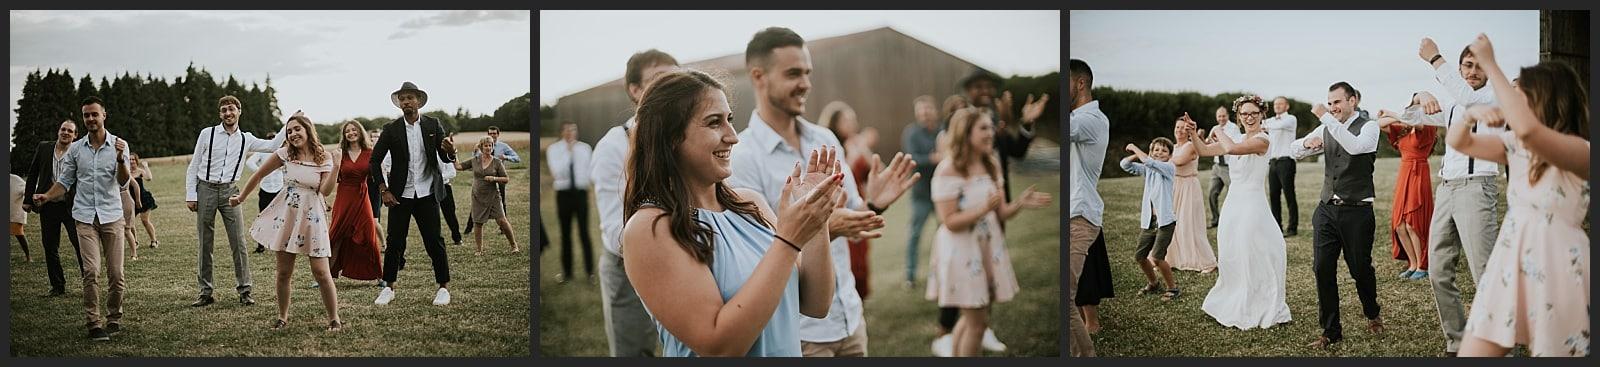 flash mob des invités au mariage